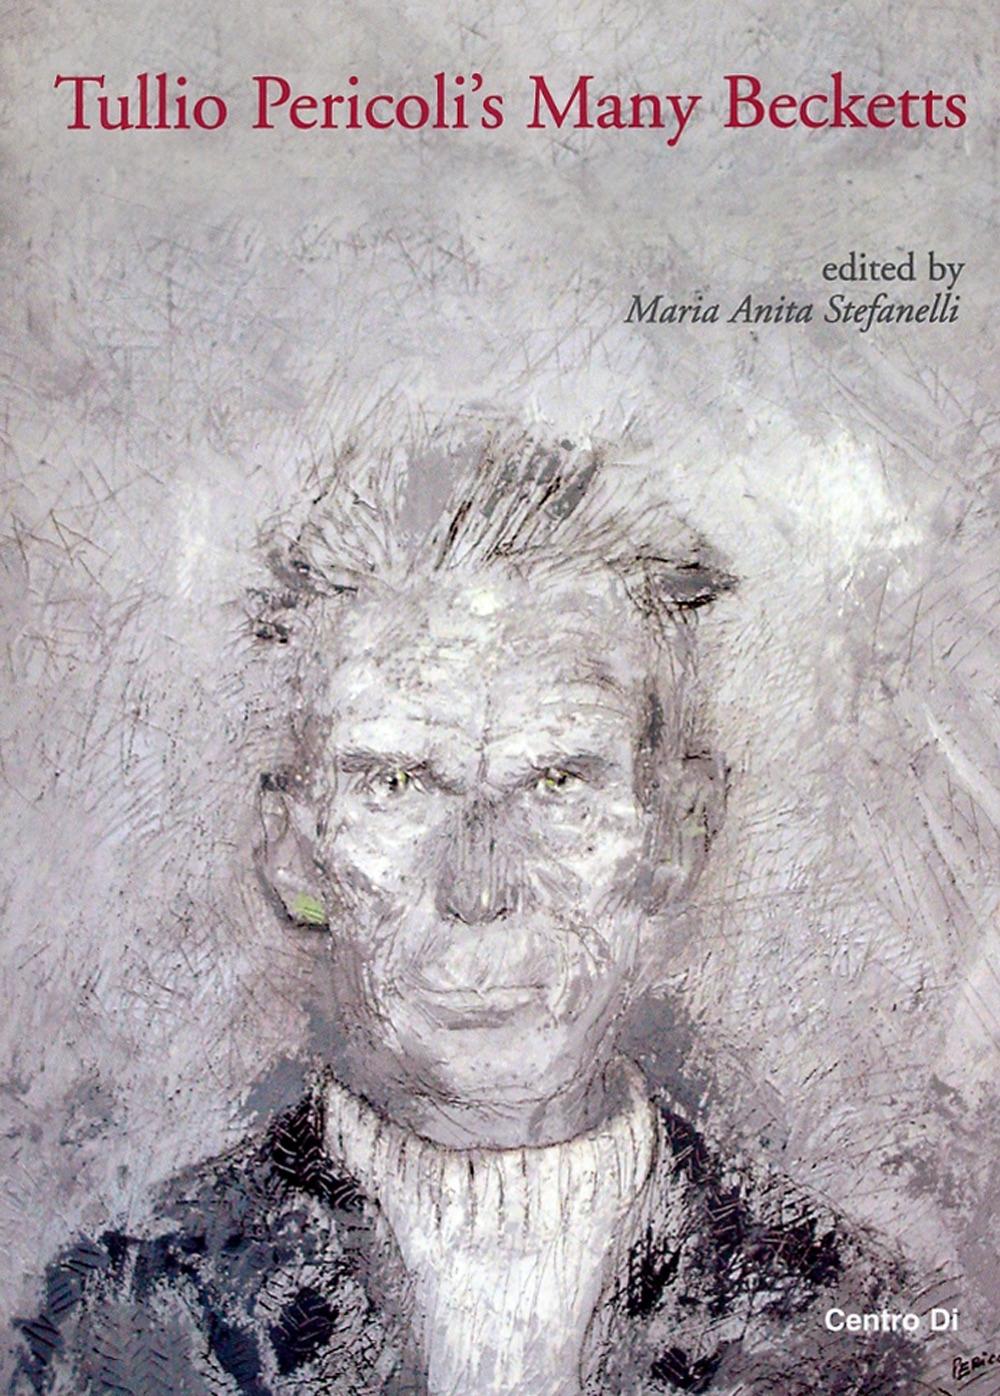 Tullio Pericoli's Many Becketts